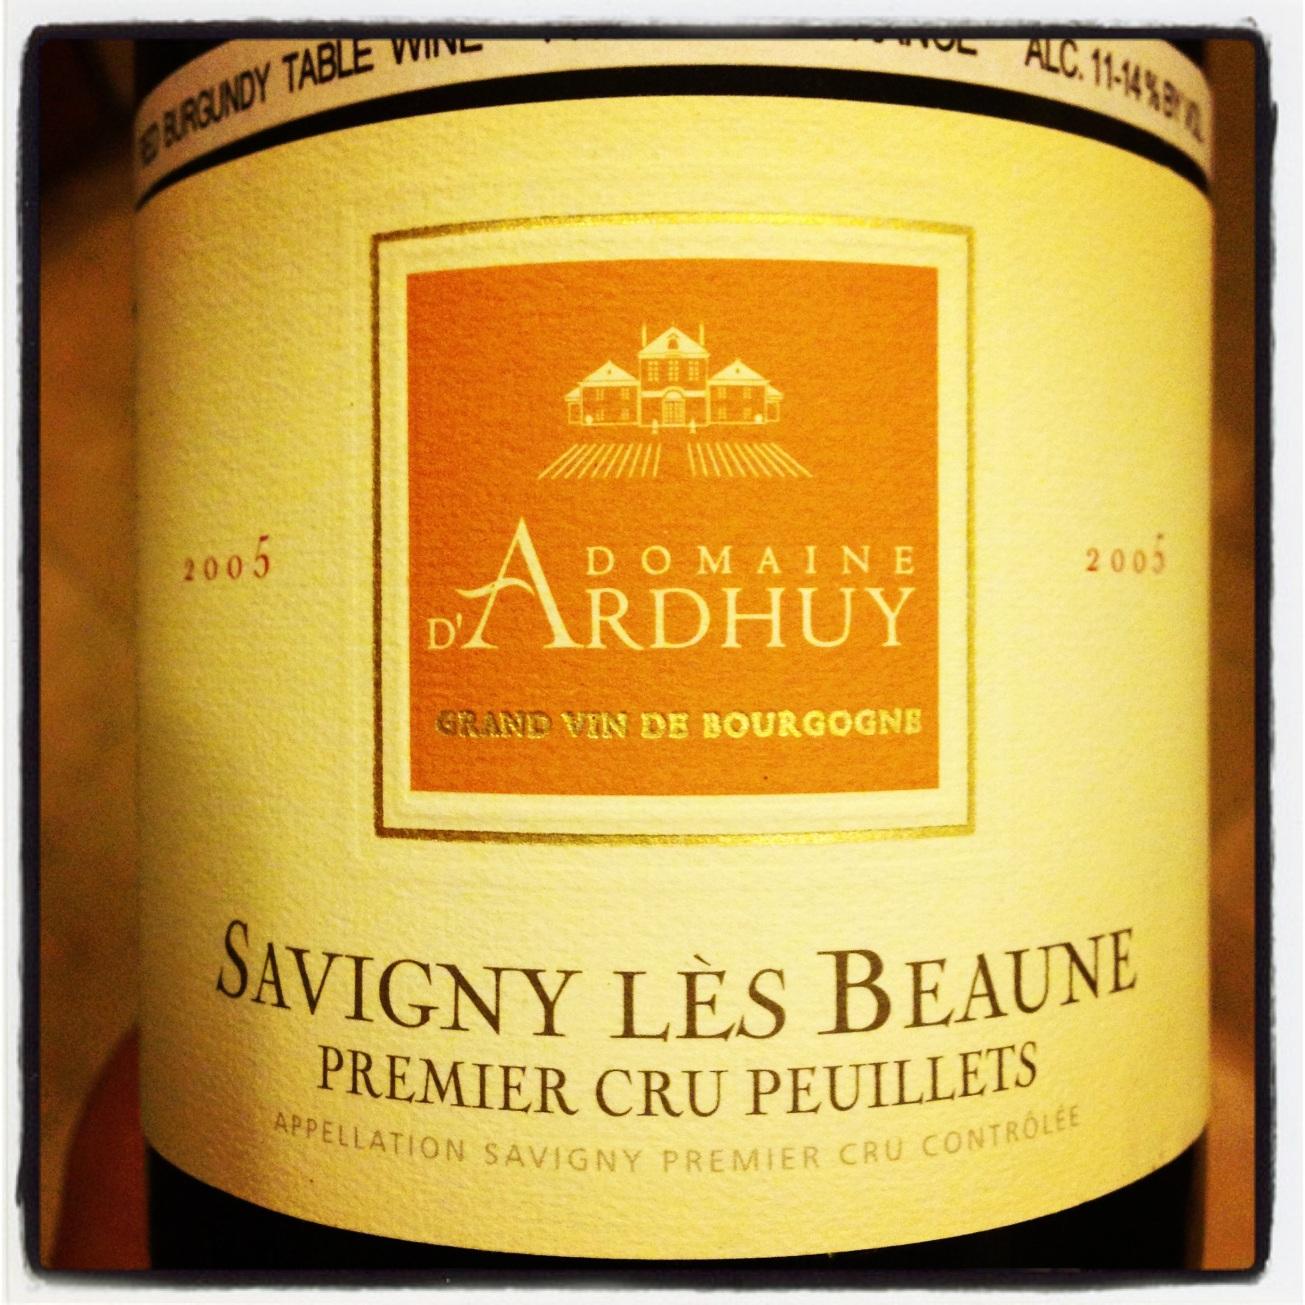 2005 Domaine d'Ardhuy Savigny les Beaune 1er Cru Les Peuillets